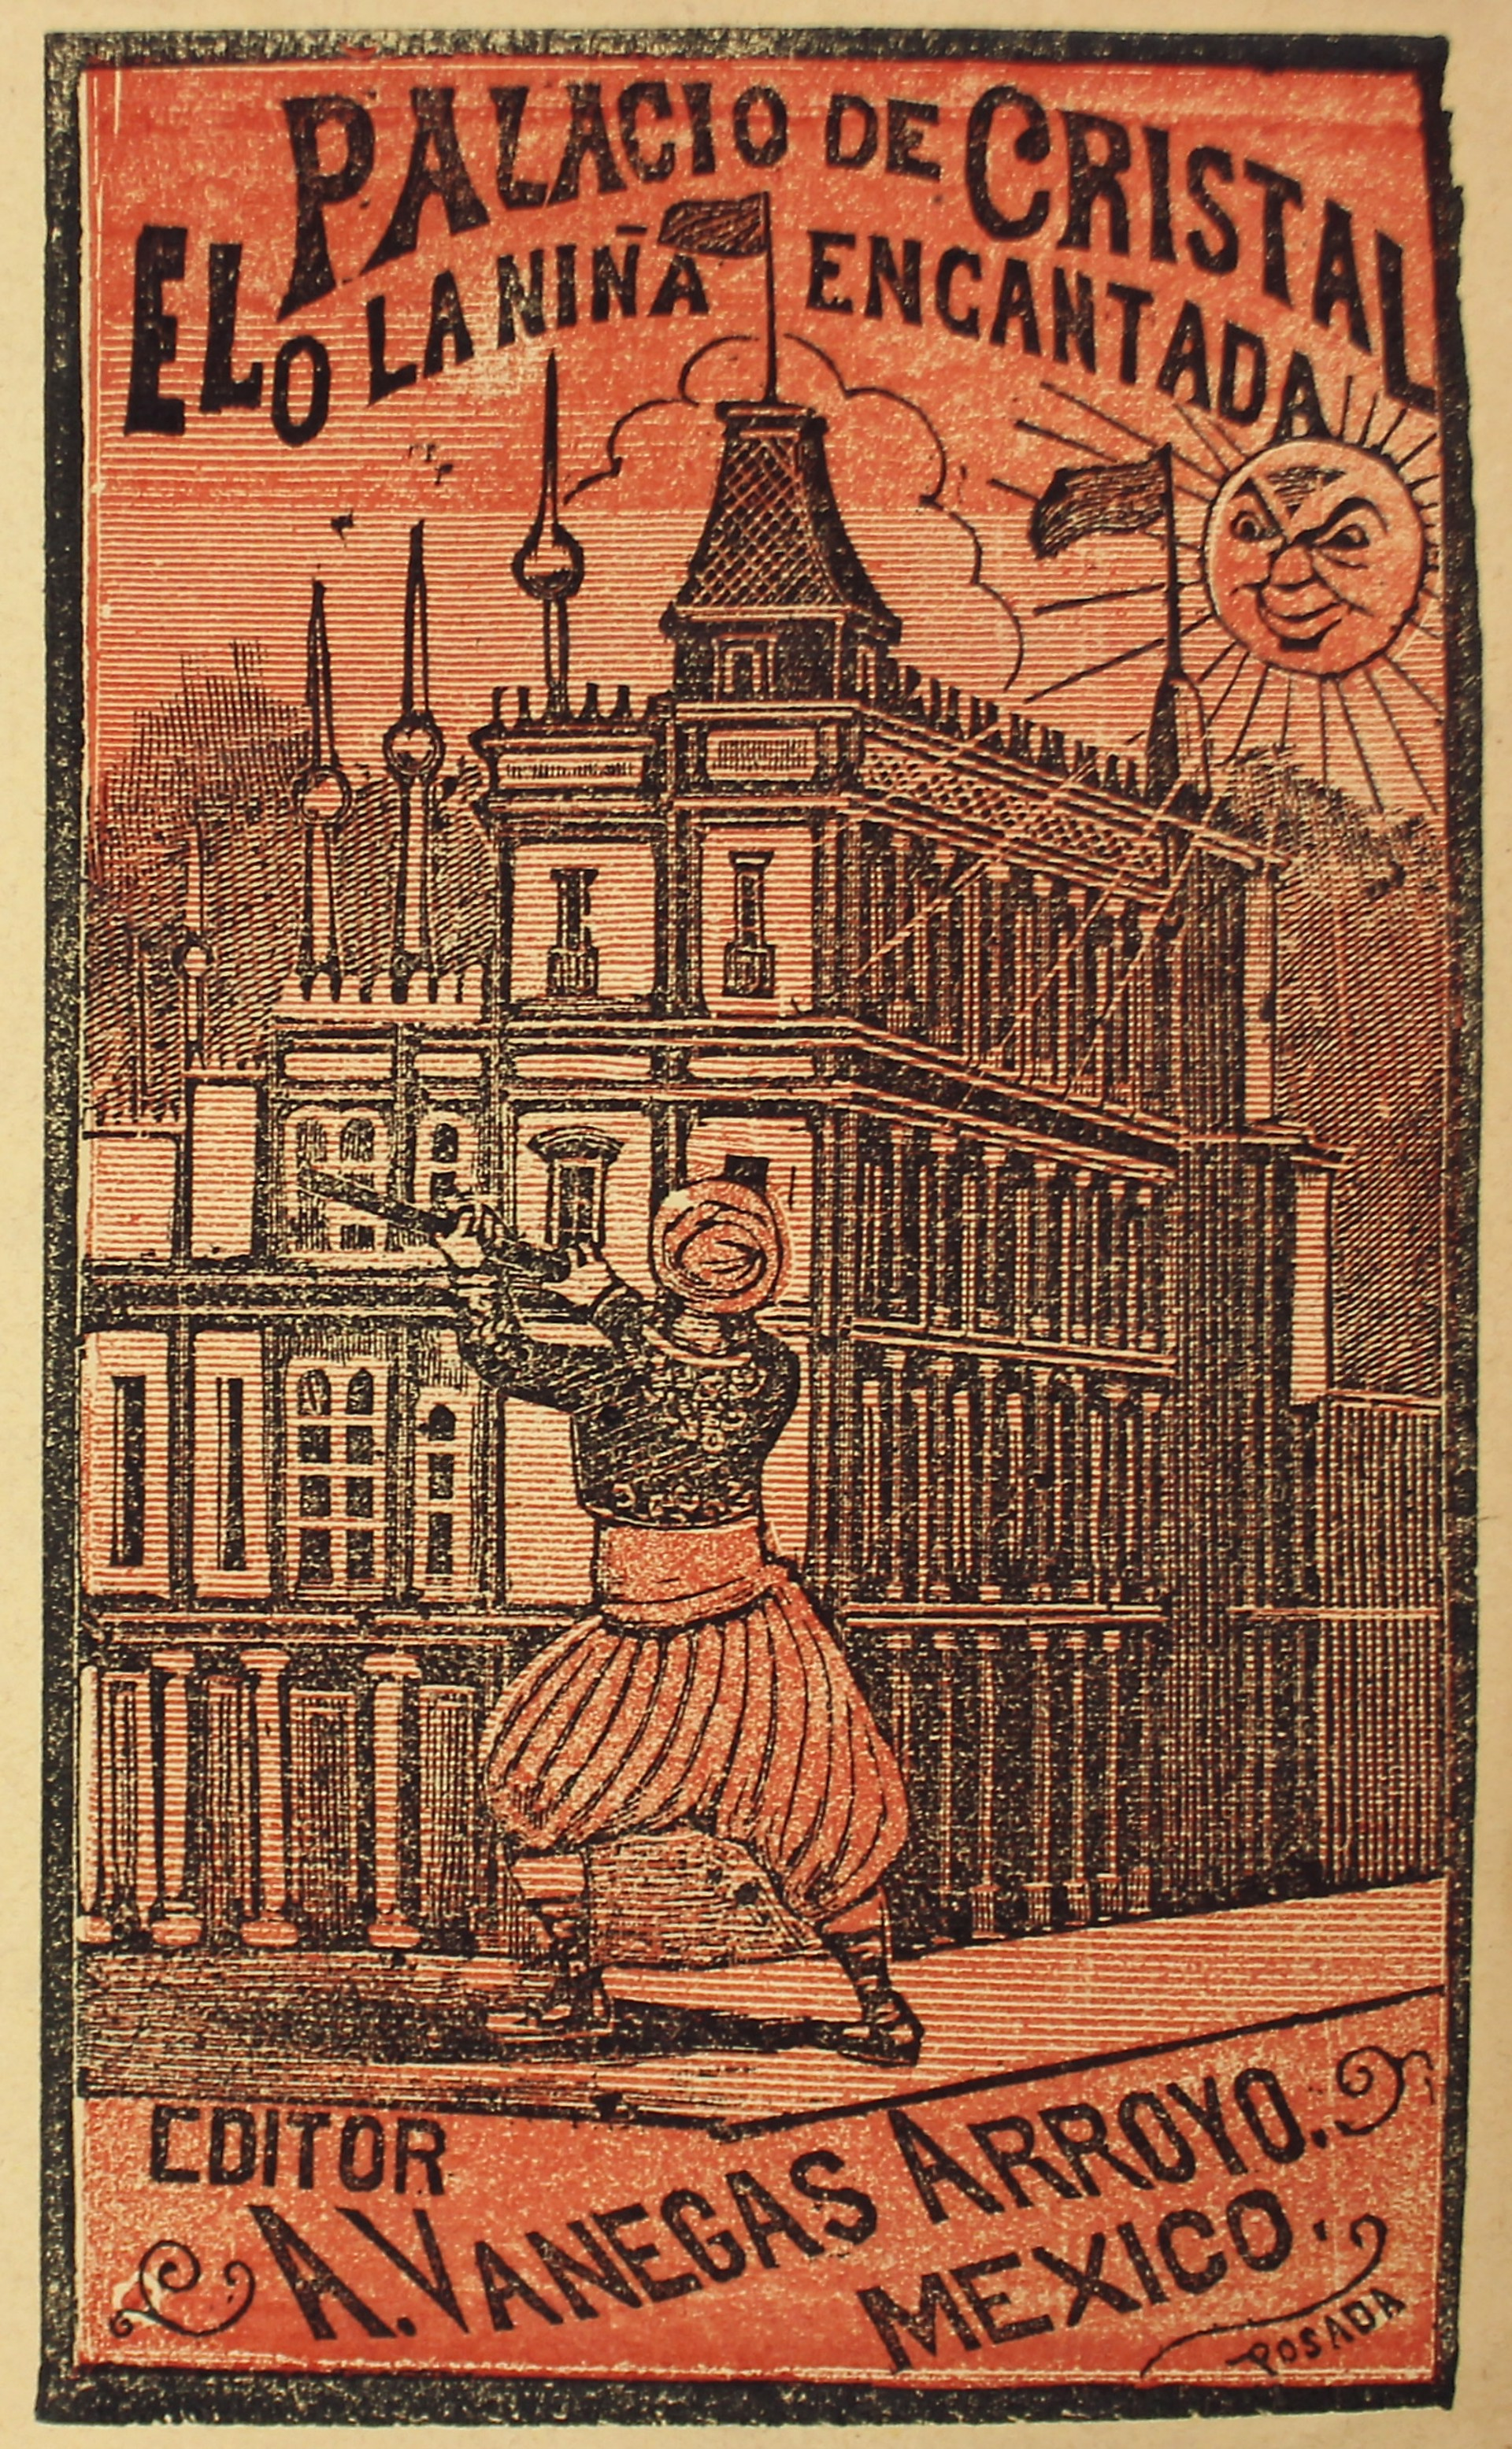 El Palacio de Cristal o La Niña Encantada by José Guadalupe Posada (1852 - 1913)